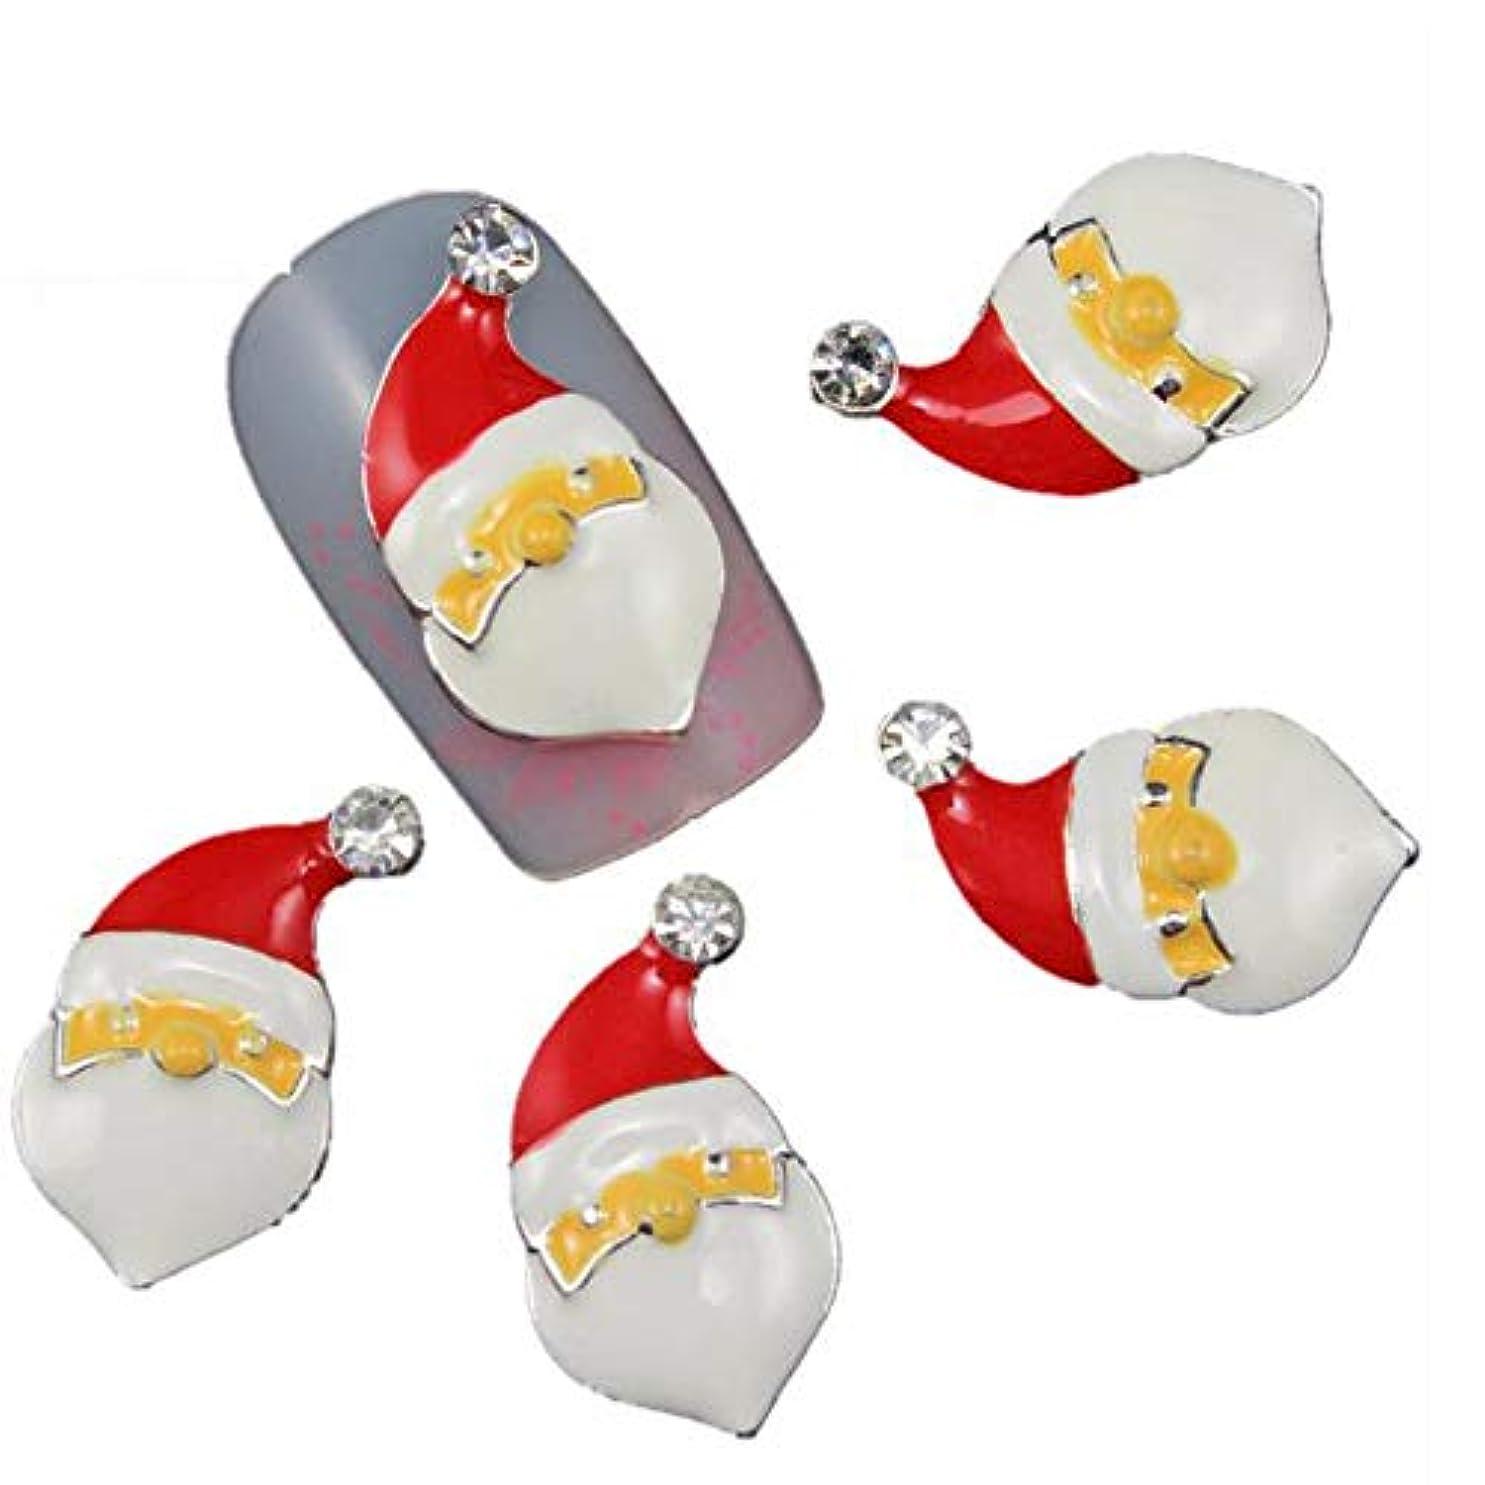 解釈的なかなか略奪チャームの釘のために10個/ロット3Dクリスマスネイルアートクラシックサンタクロースデザインマニキュアの装飾のクリスタルラインストーン